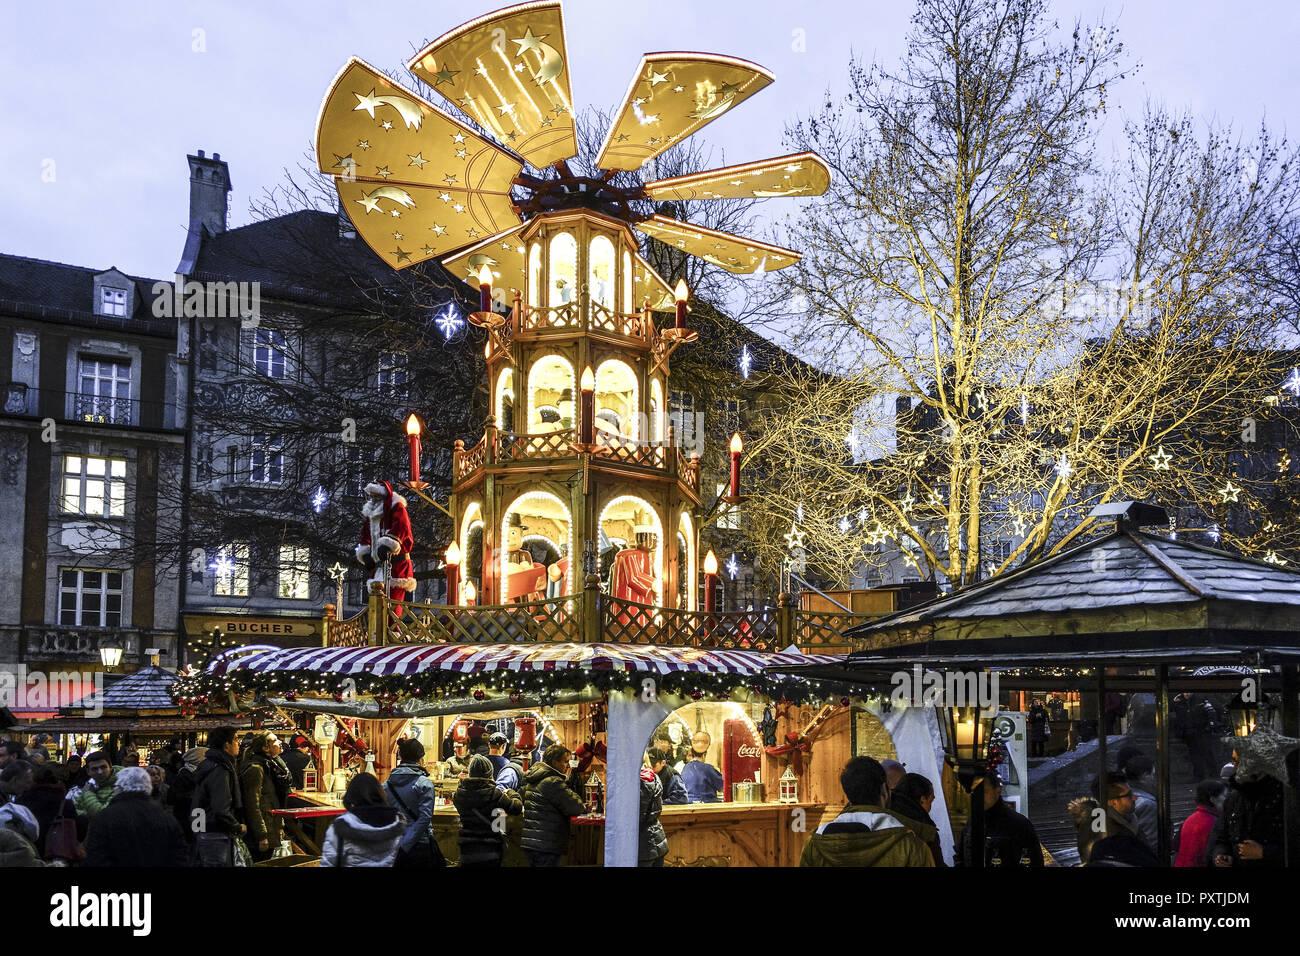 Munich Germany Christmas.Weihnachtsmarkt In Munchen Bayern Deutschland Christmas